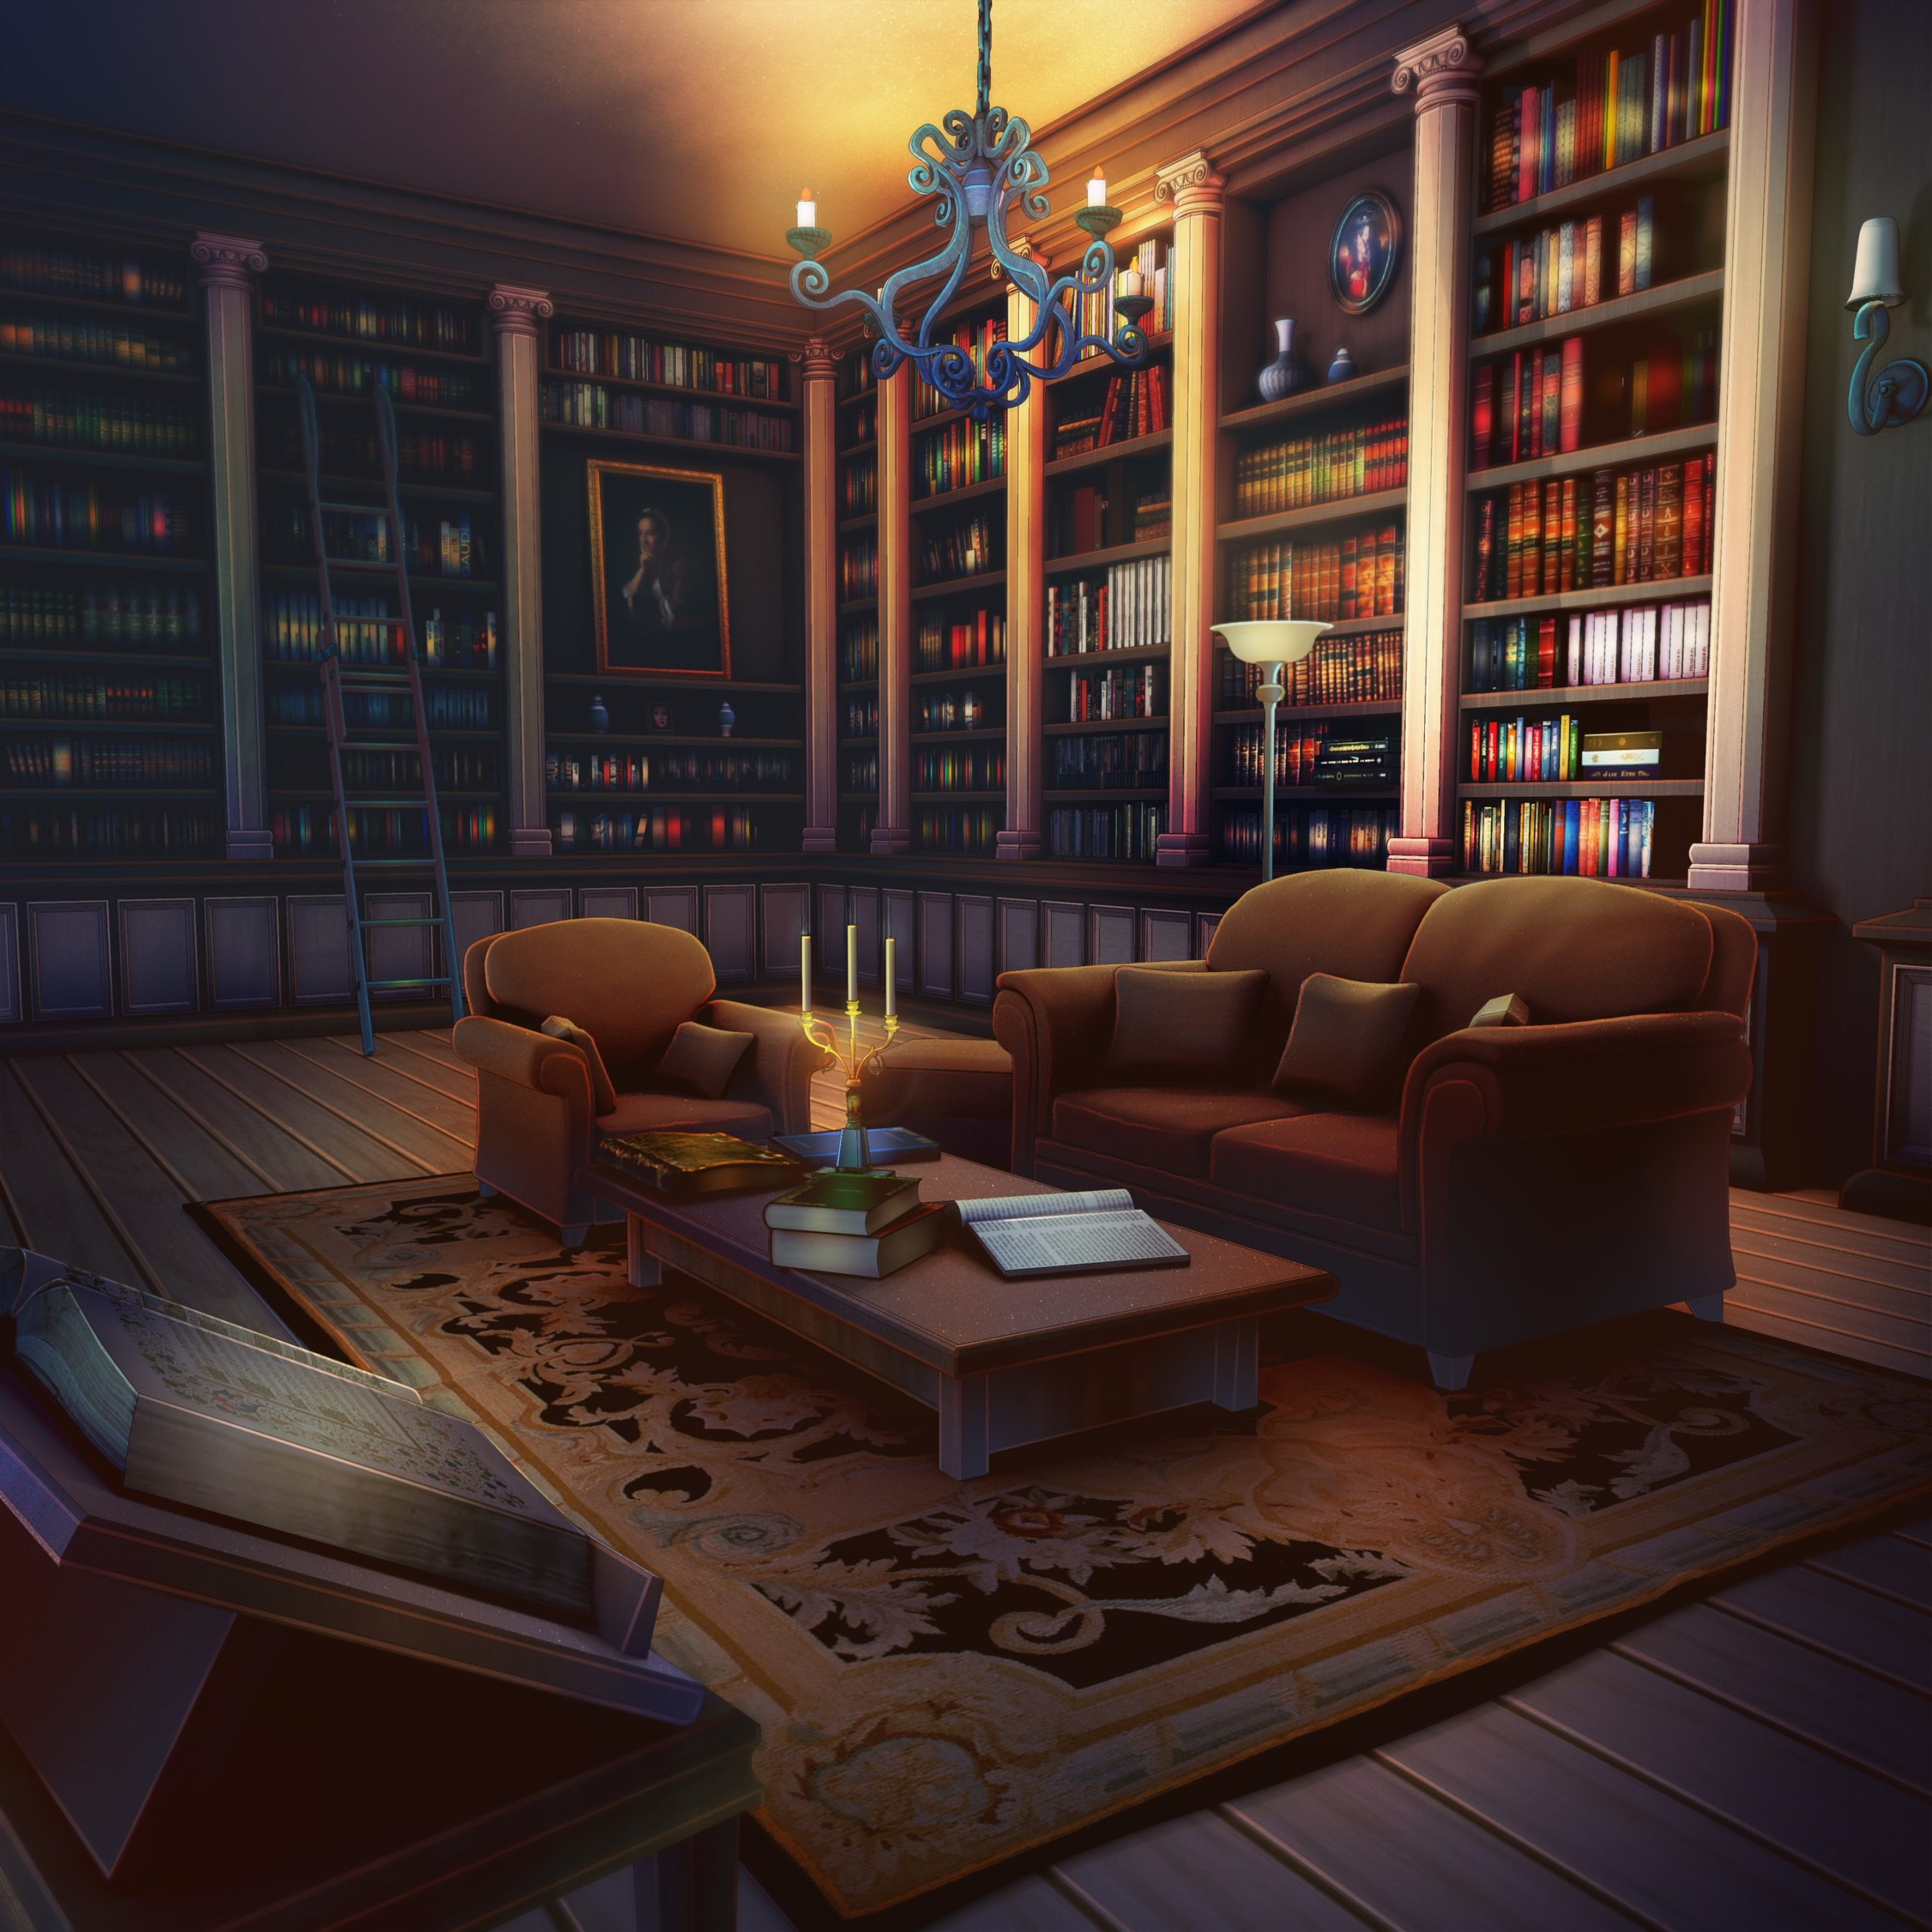 Nicolae personnage de Is It Love et vue d'une bibliothèque